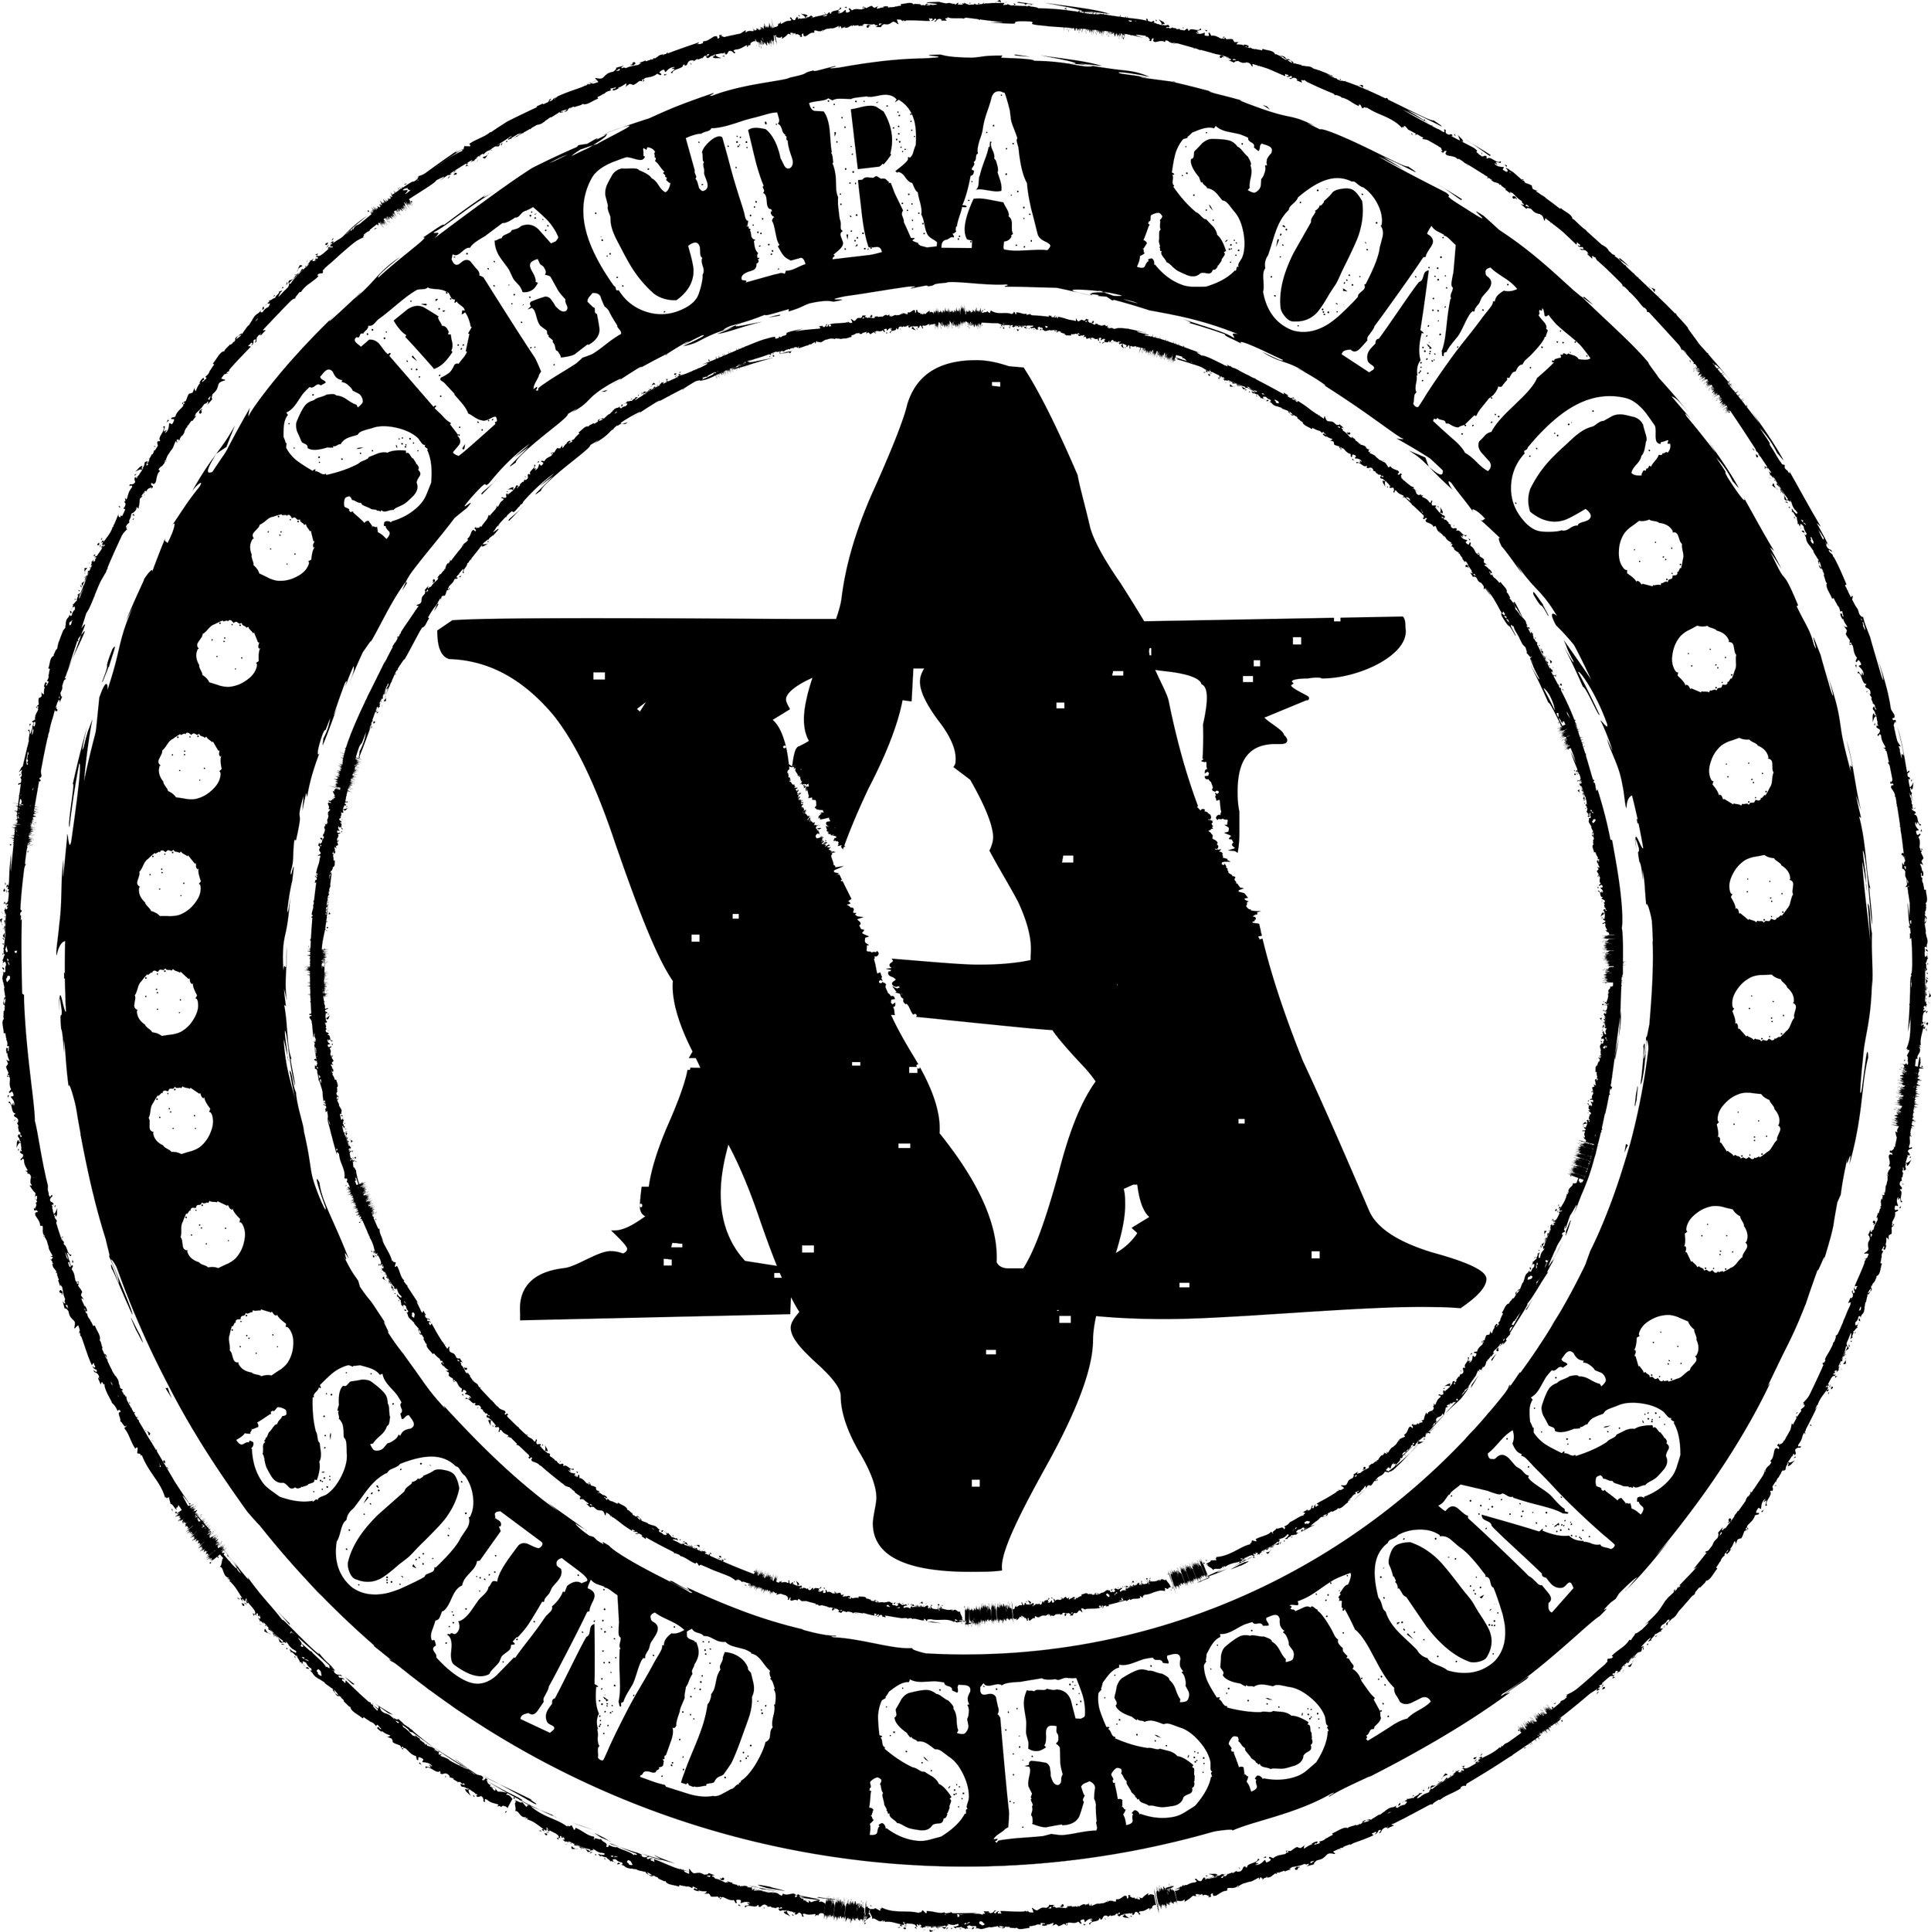 Spectra Sonic LOGO 2.jpg